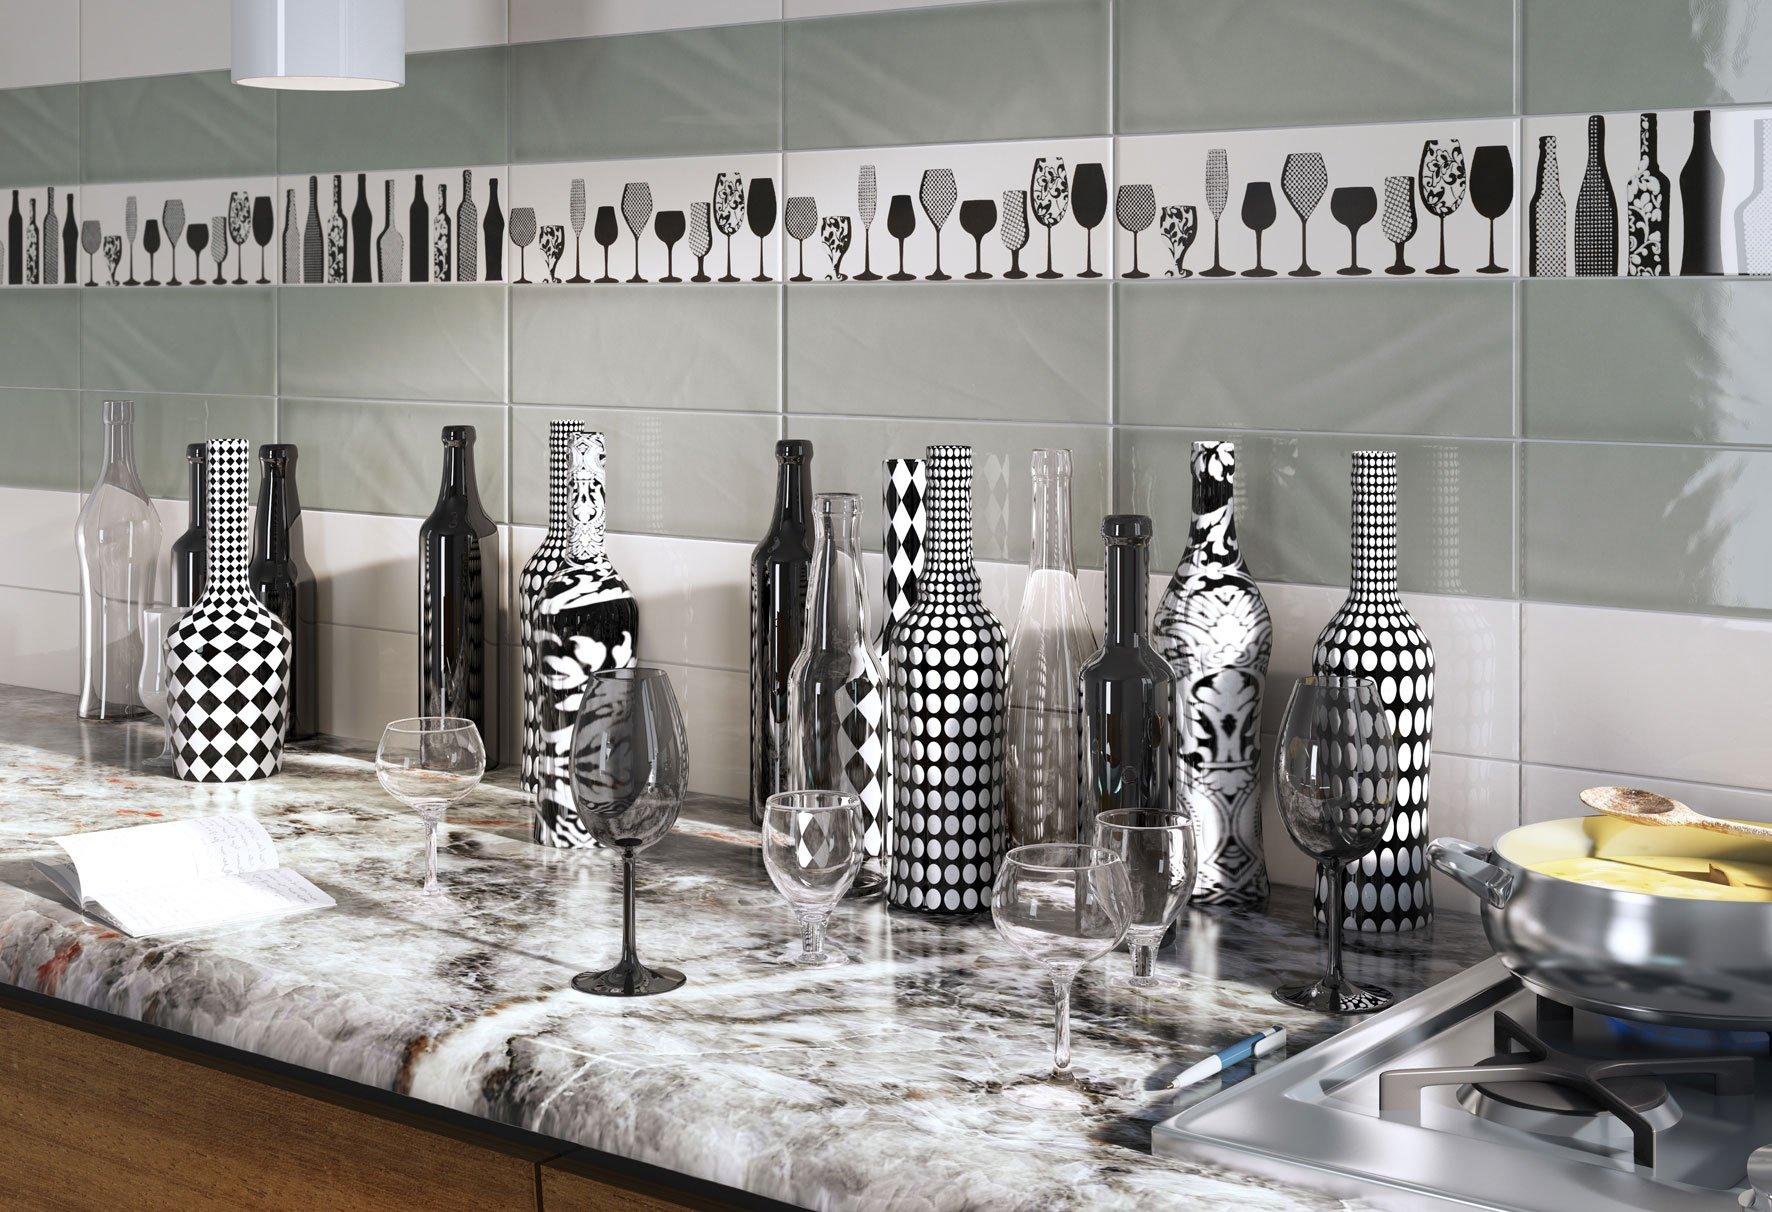 scegliere le piastrelle per le pareti della cucina - cose di casa - Mattonelle X Cucina